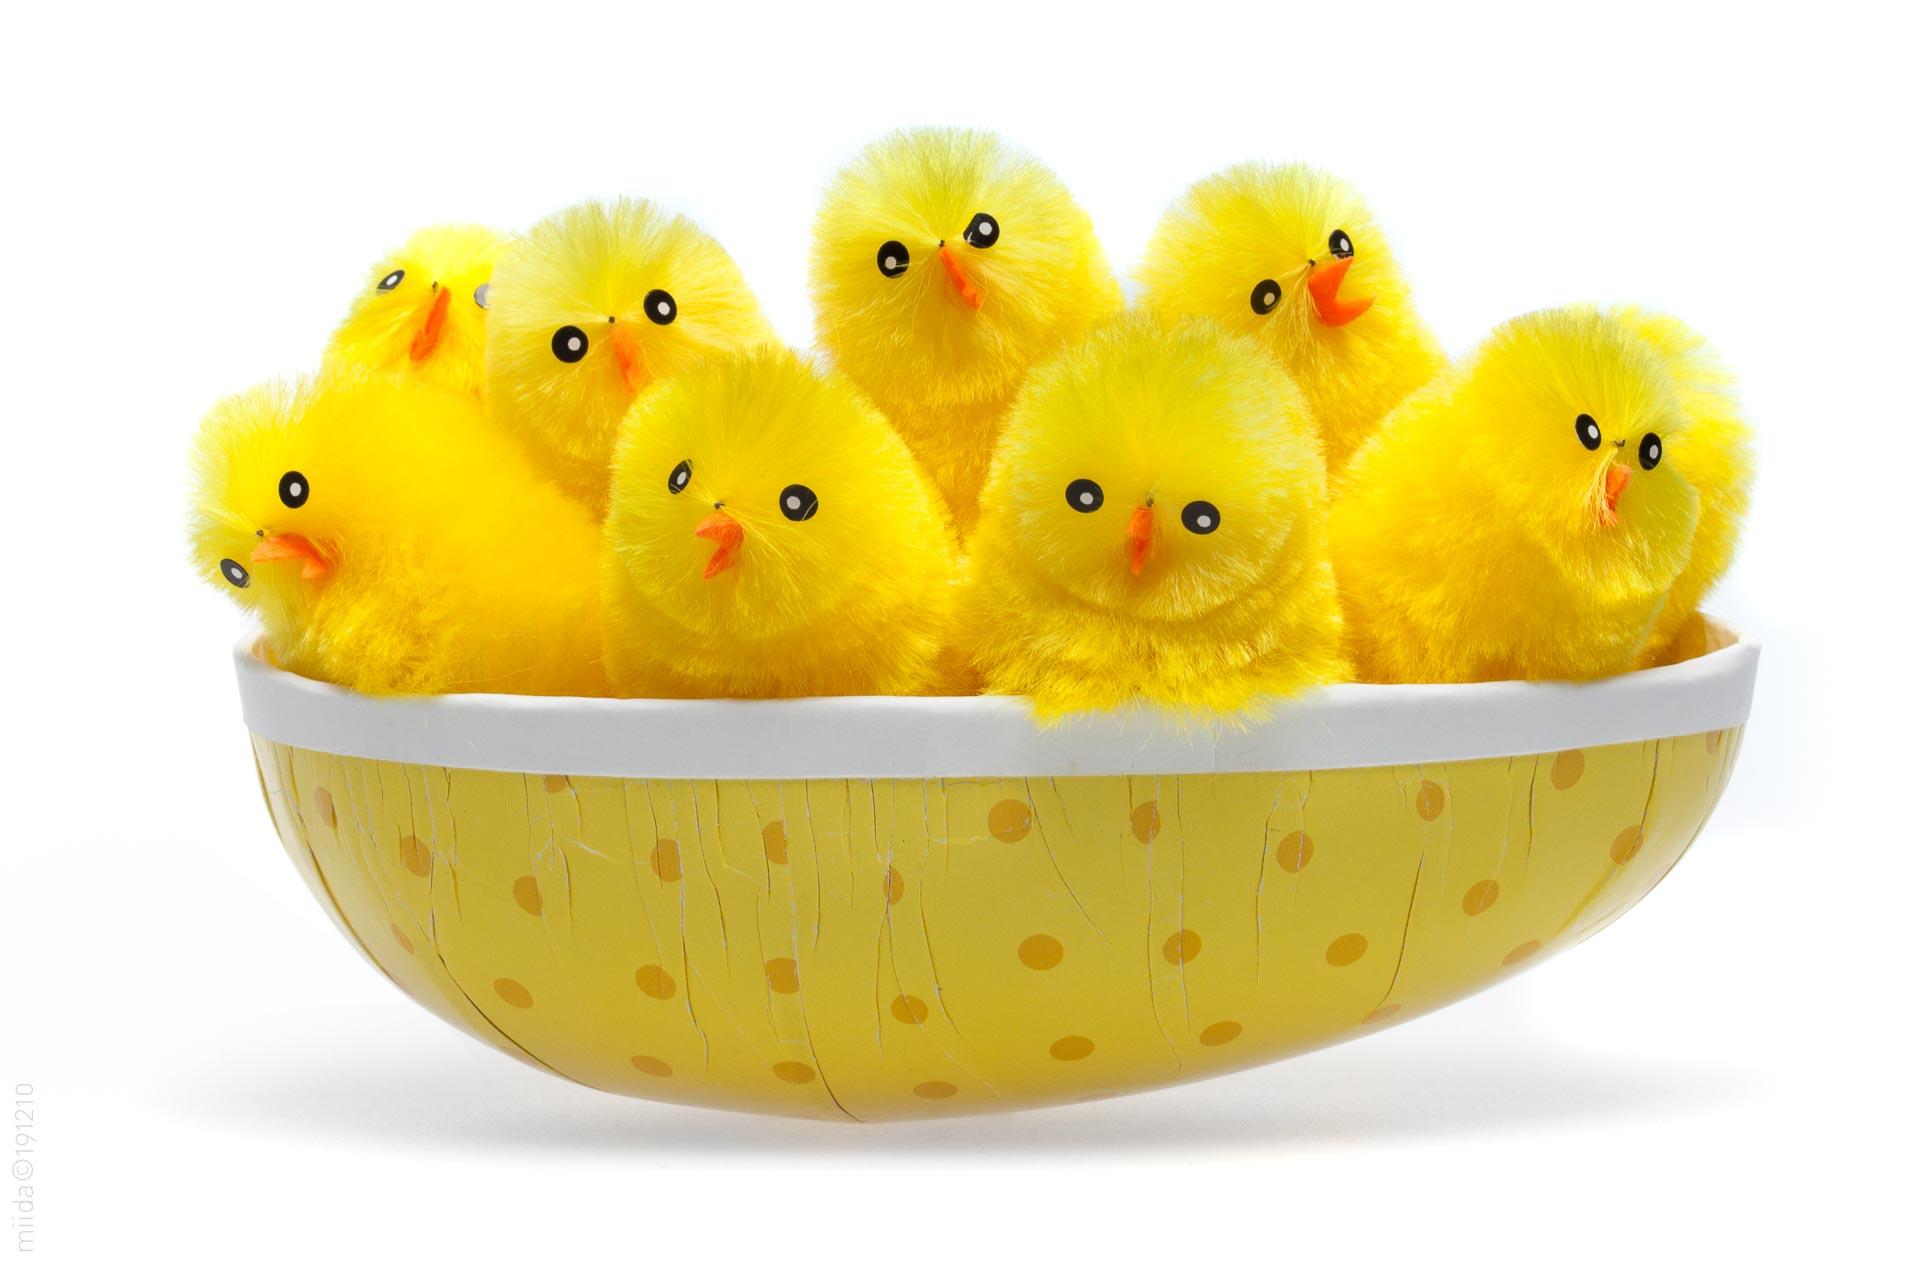 En flok påskekyllinger samlet i et påskeæg.